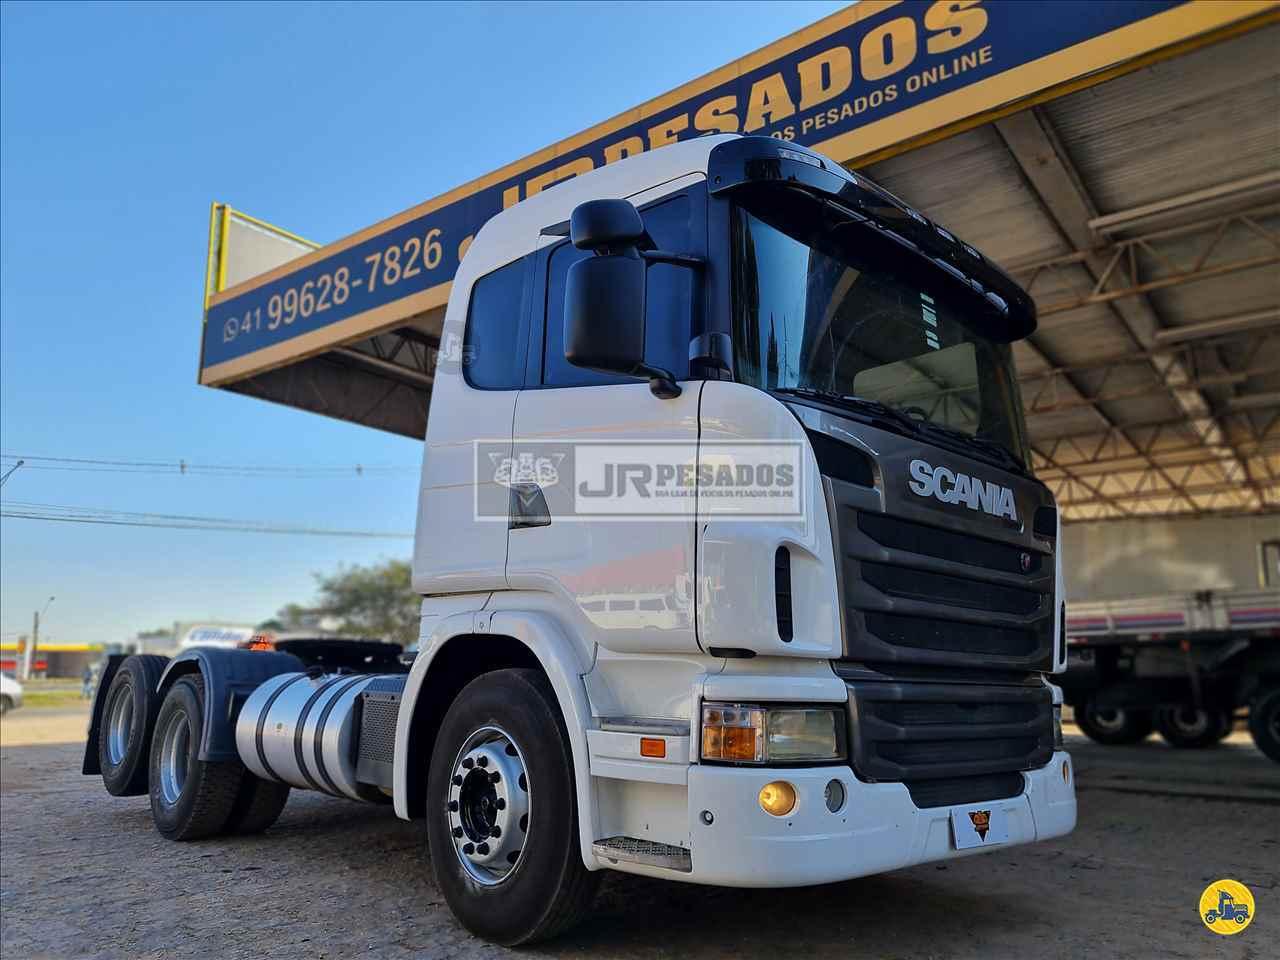 SCANIA 380 de JR Pesados - CURITIBA/PR